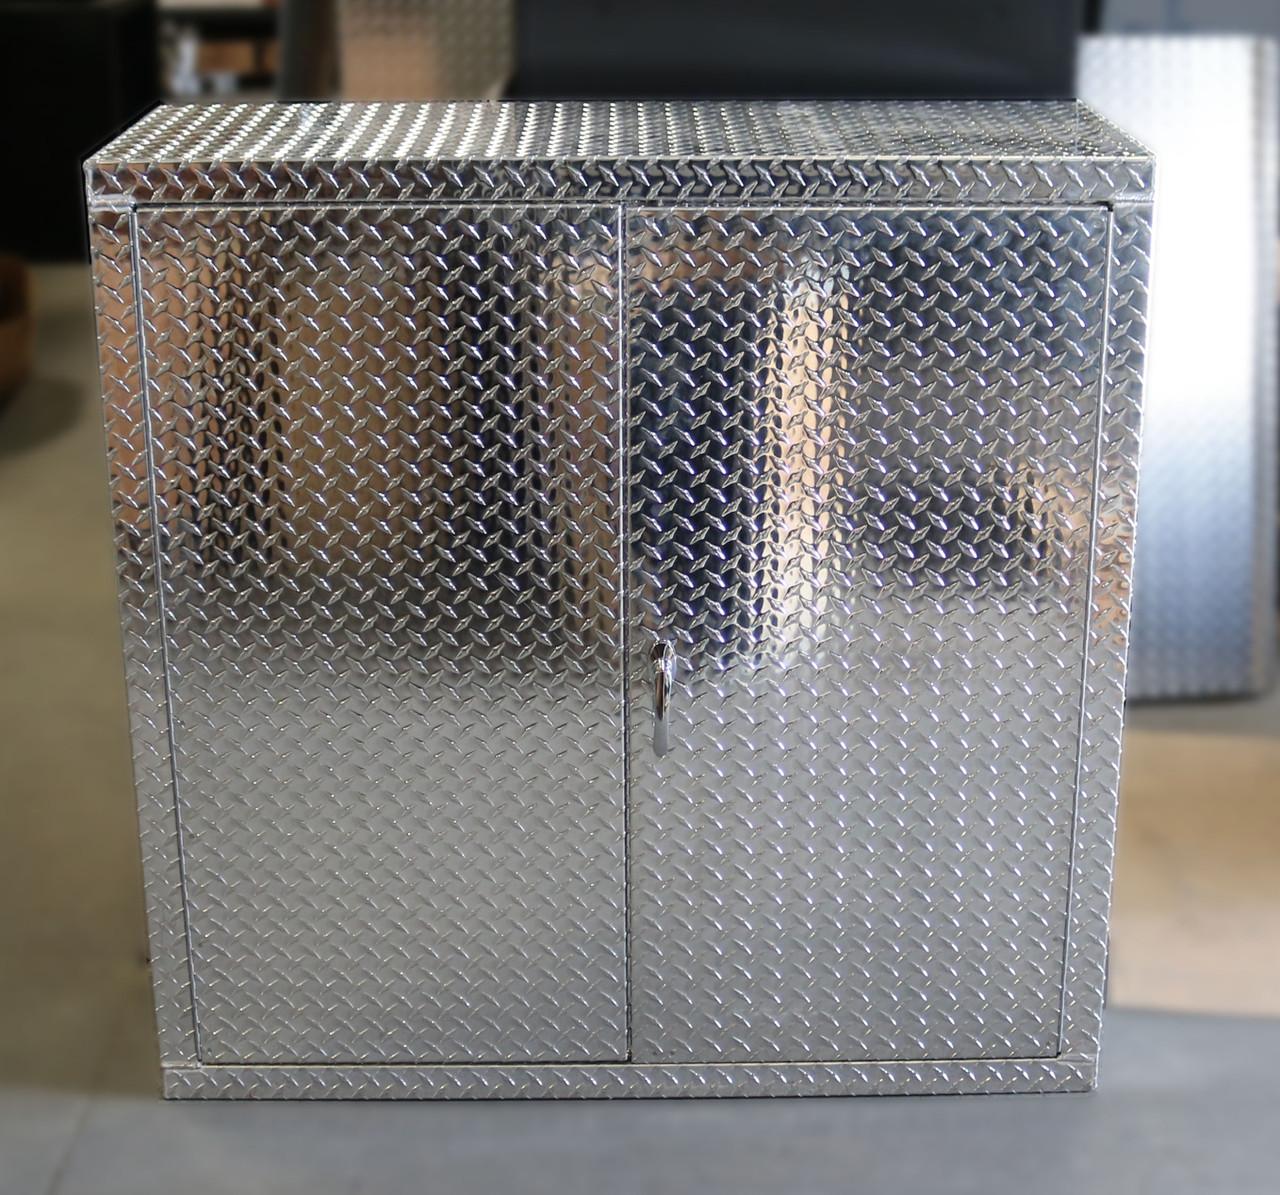 4' x 4' Garage Storage Locker